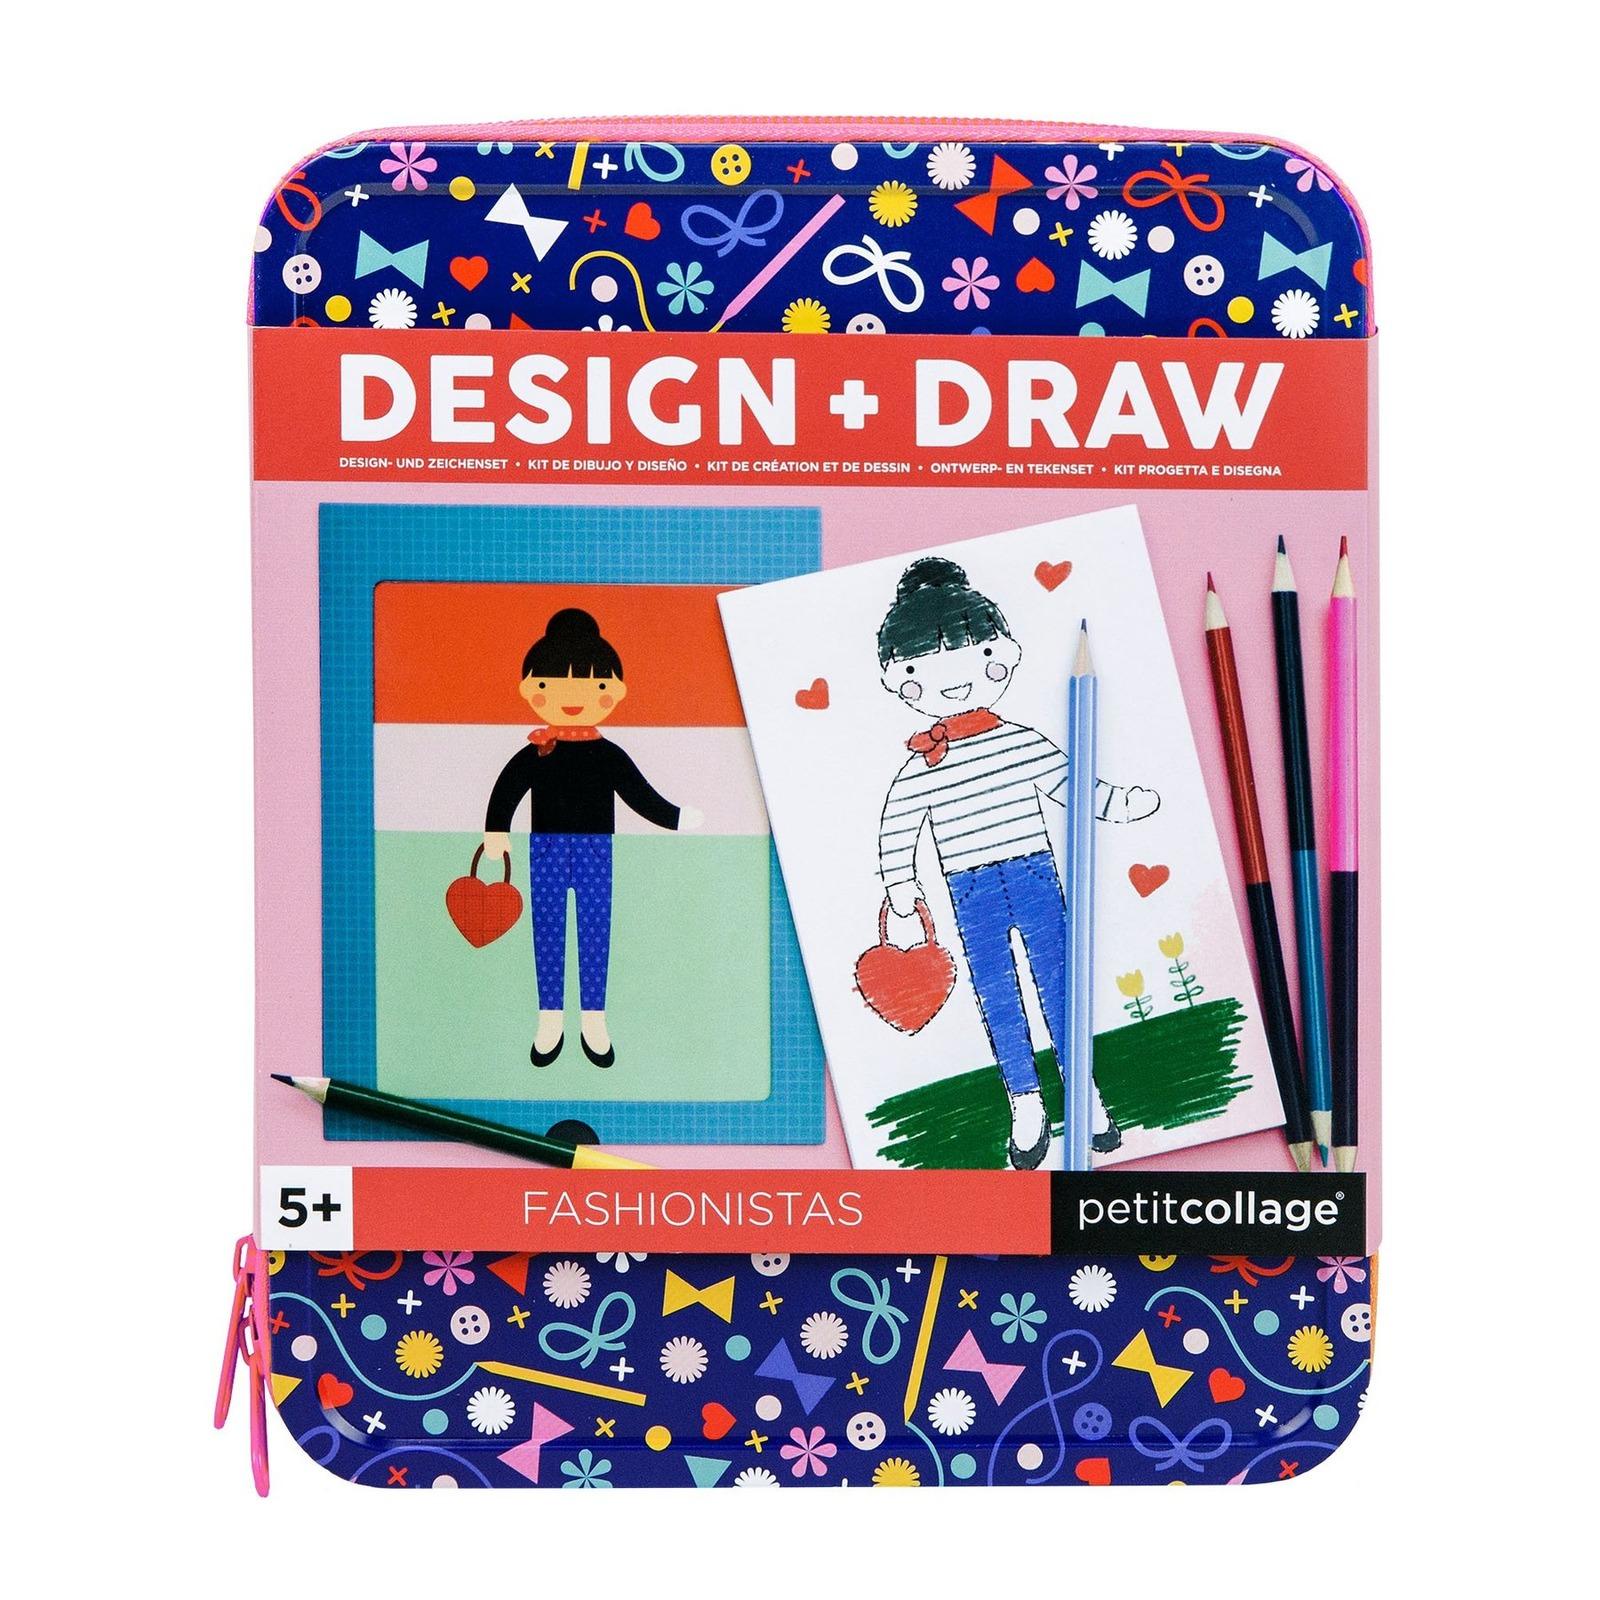 Malowanie I Rysowanie Artystyczne I Kreatywne Zabawki Gry Smyk Com Strona 5